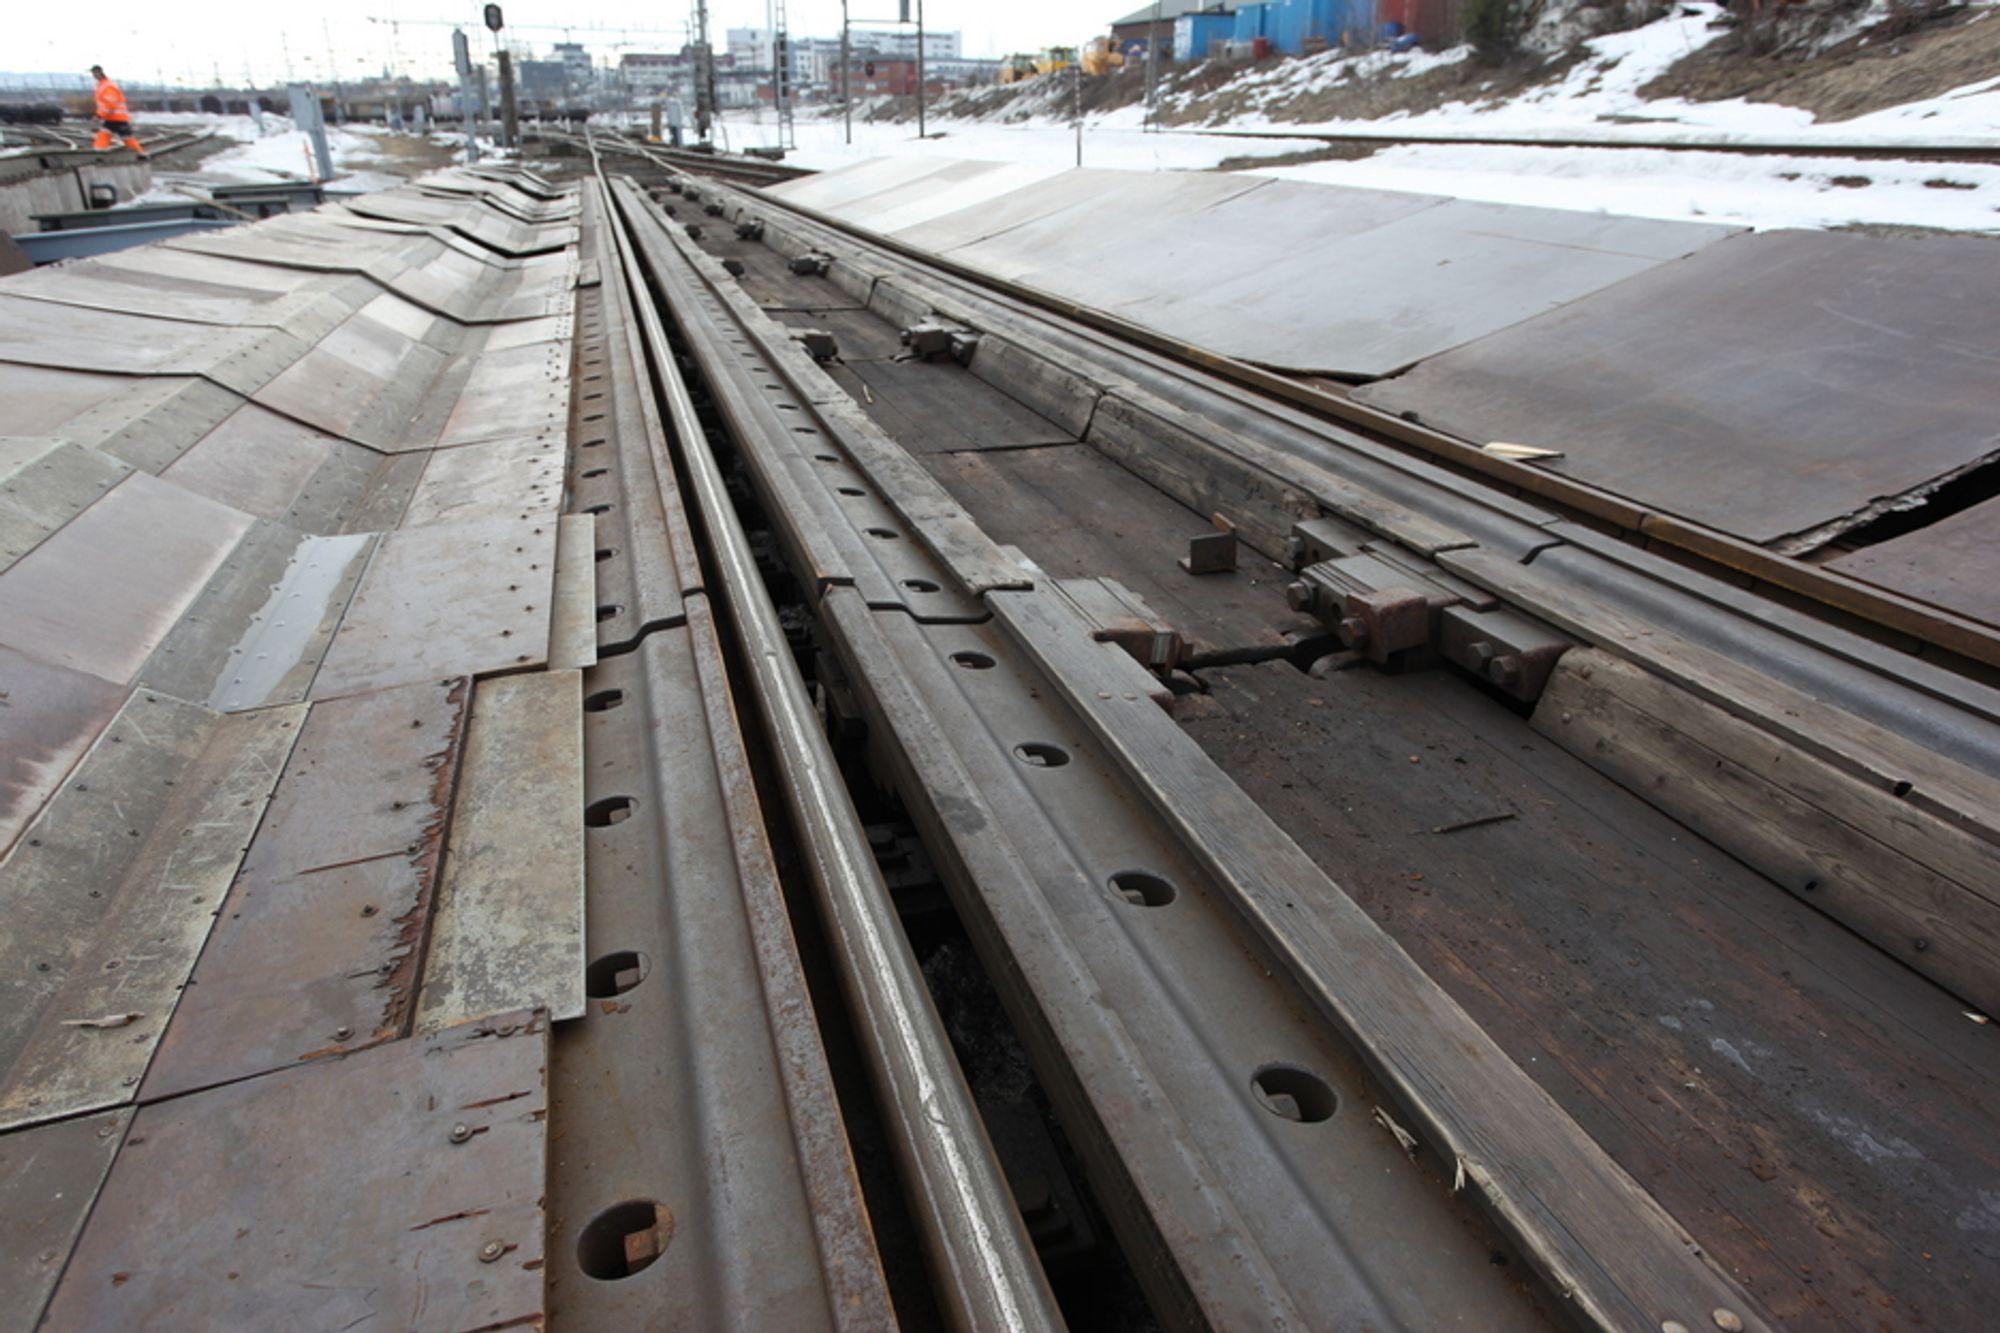 IKKE TILSTREKKELIGE: Nedfiringsbremsene på godsterminalen på Alnabru var ikke tilstrekkelige til å stanse toget som løp løpsk og tok livet av tre mennesker på Sjursøya 24. mars.